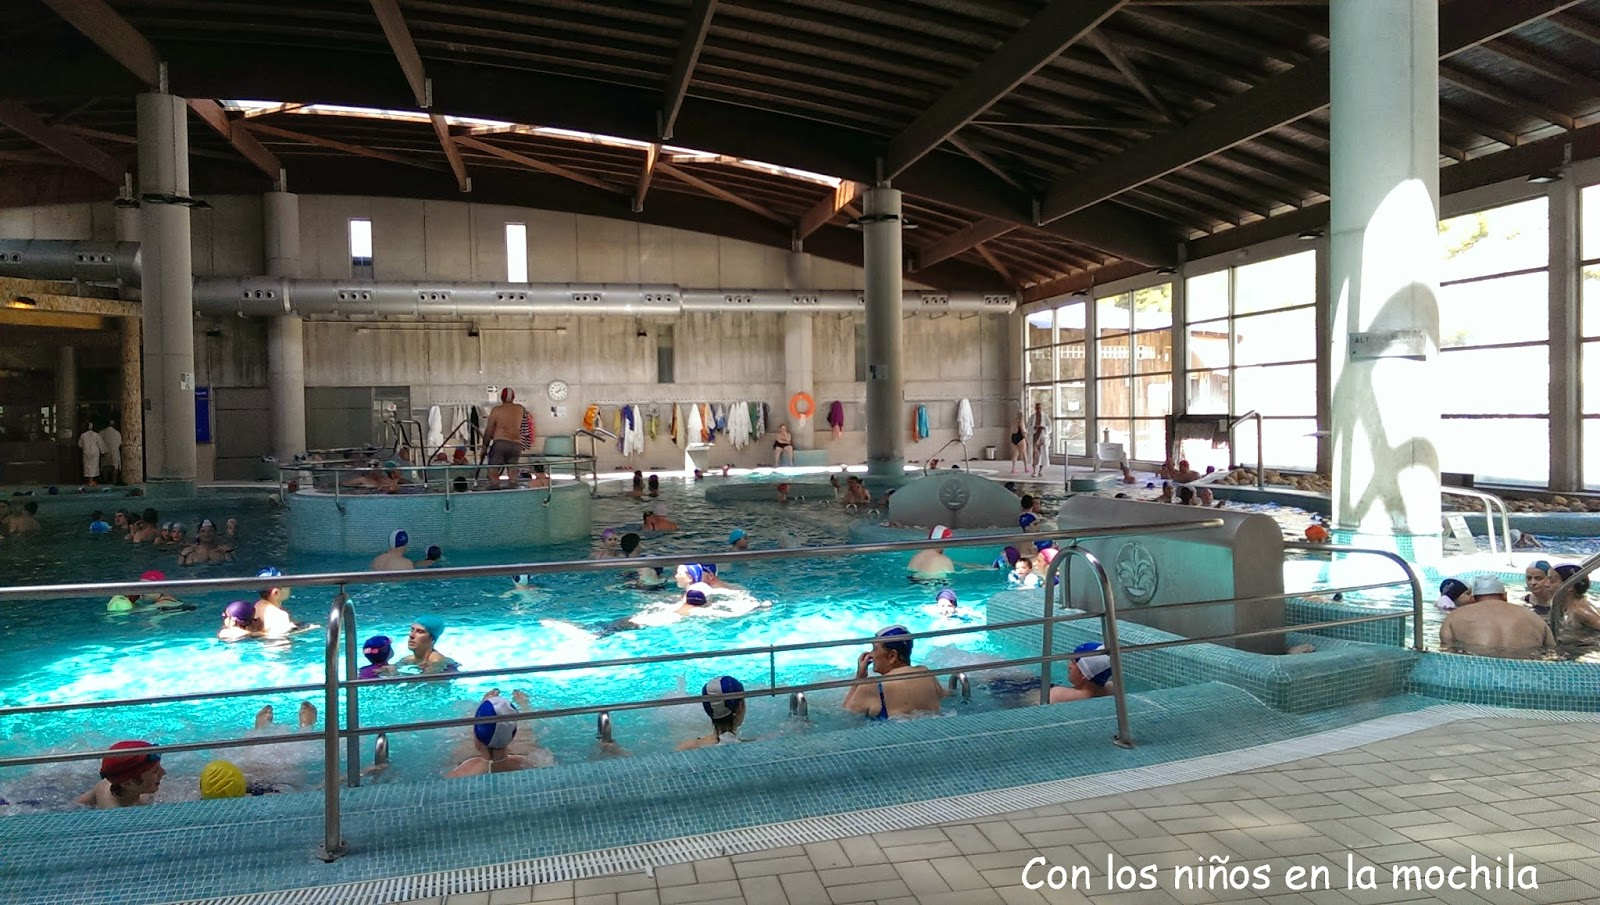 Balneario de archena aguas termales en familia con los for Balneario de fortuna precios piscina